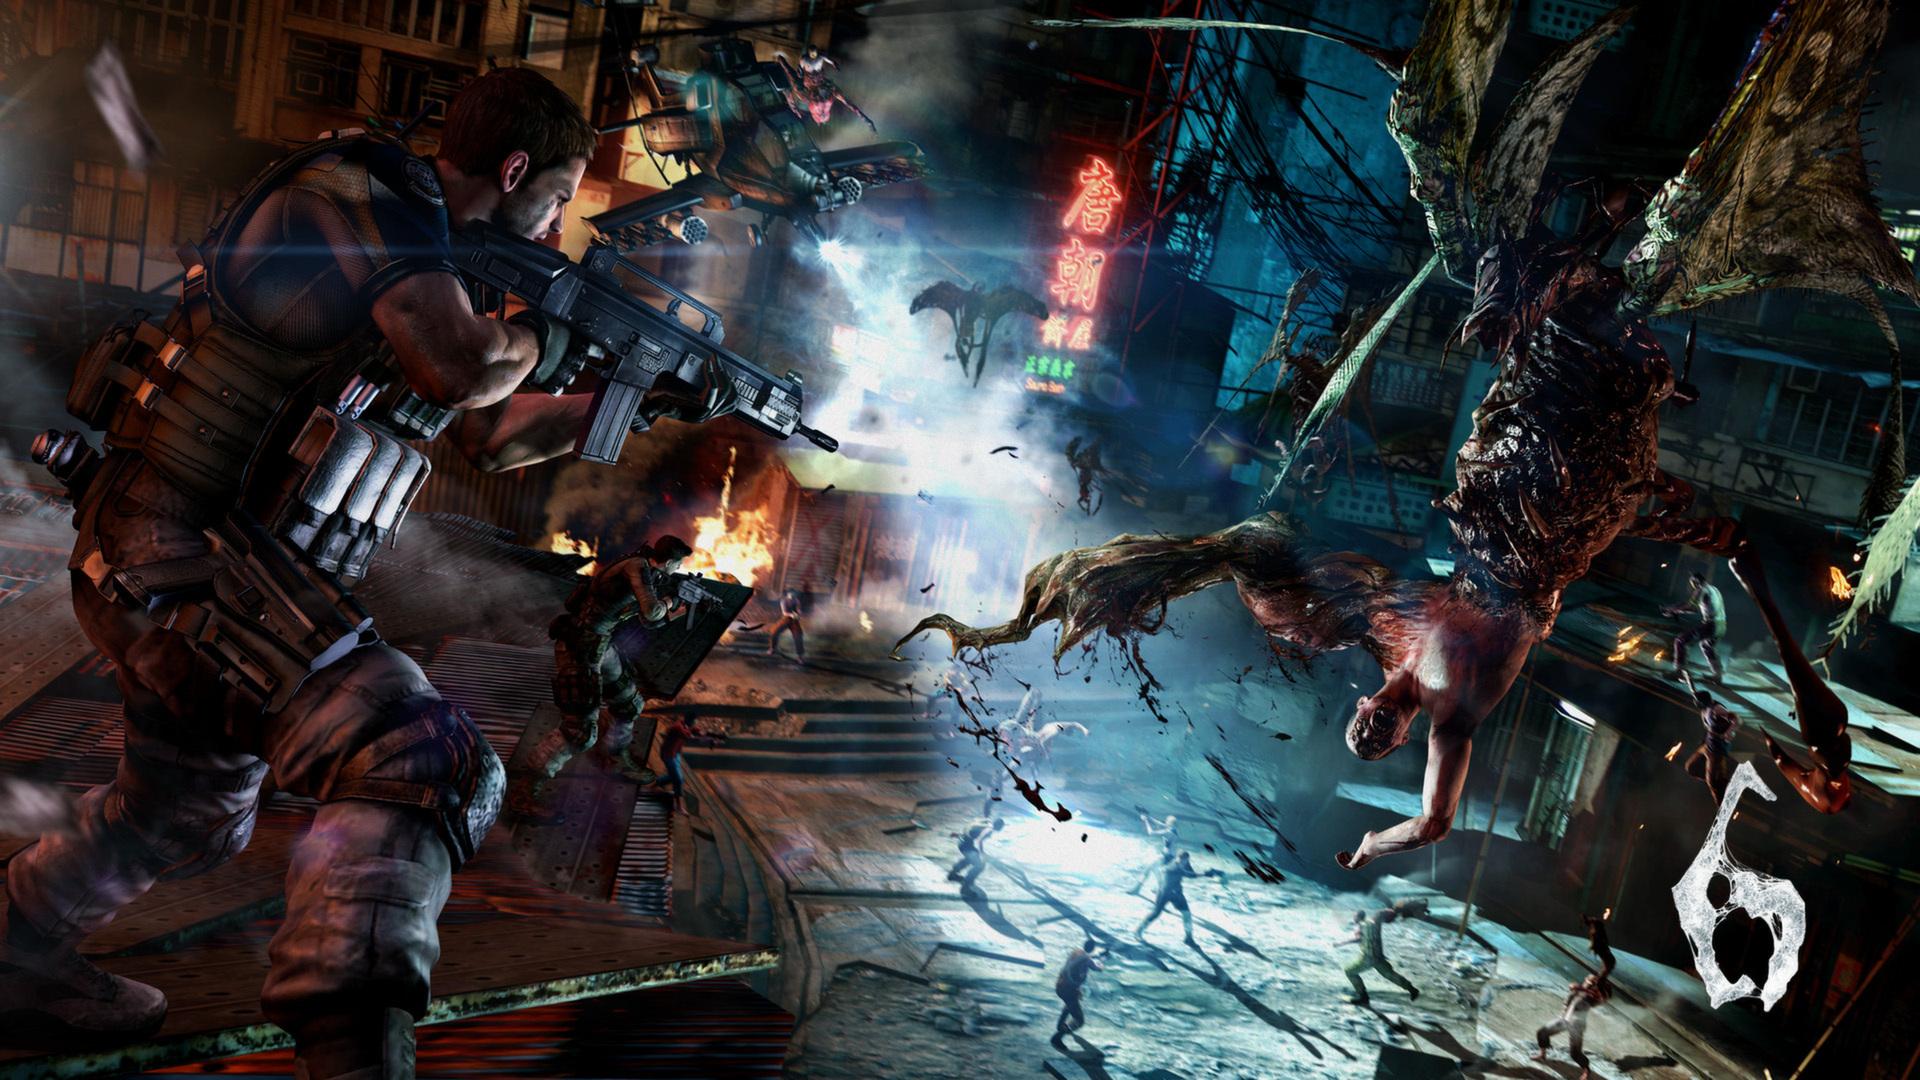 Wallpaper Gun Video Games Black Background Resident: Resident Evil 7 Wallpapers